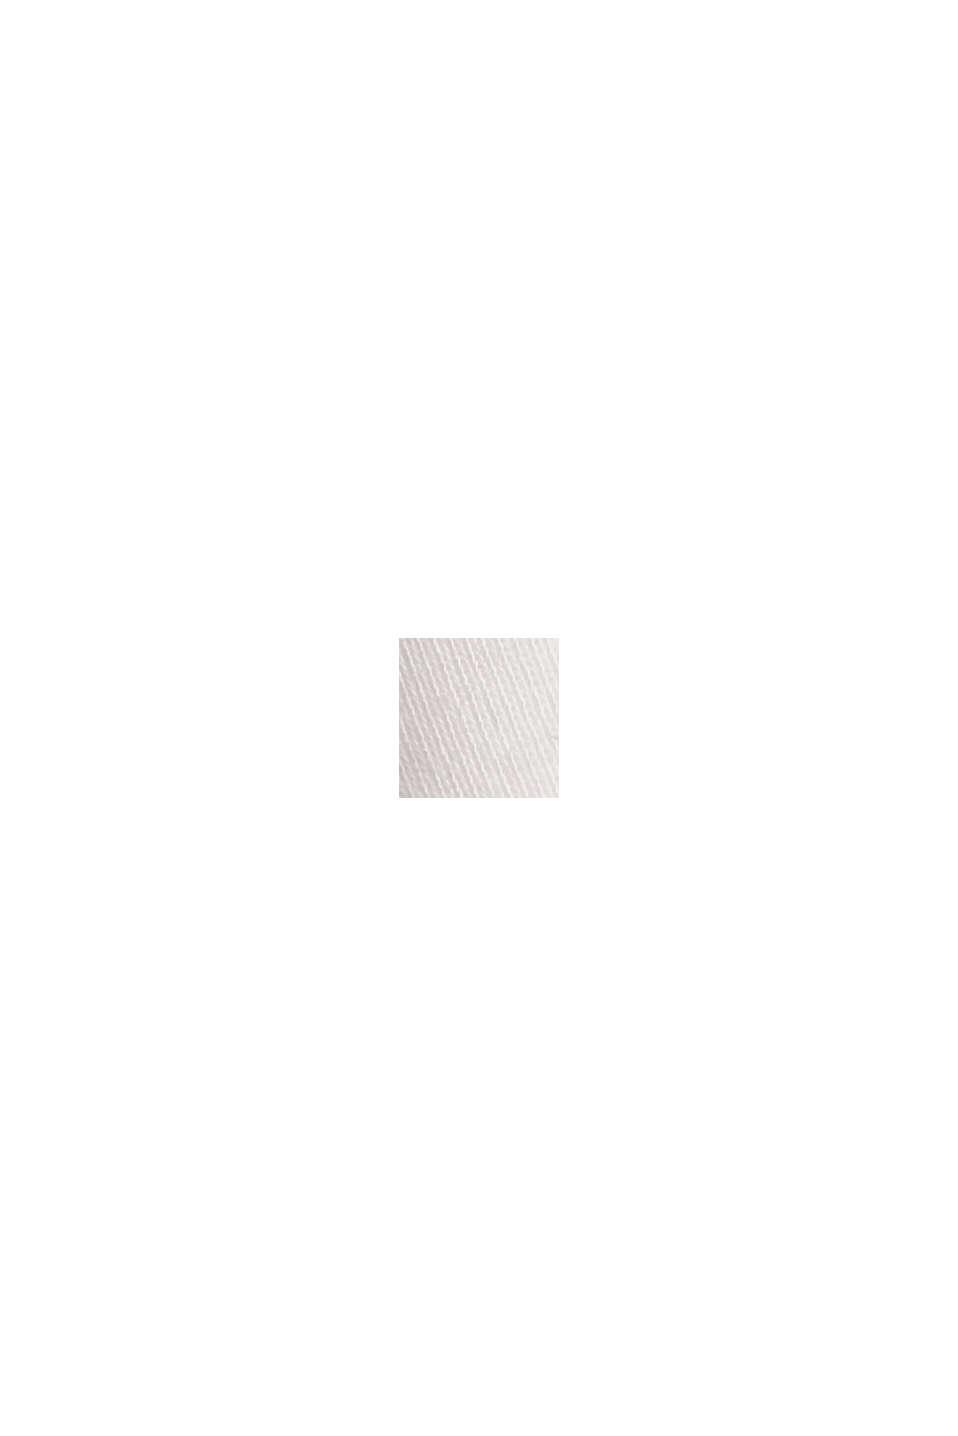 Maglia basic con scollo a V in cotone biologico, OFF WHITE, swatch